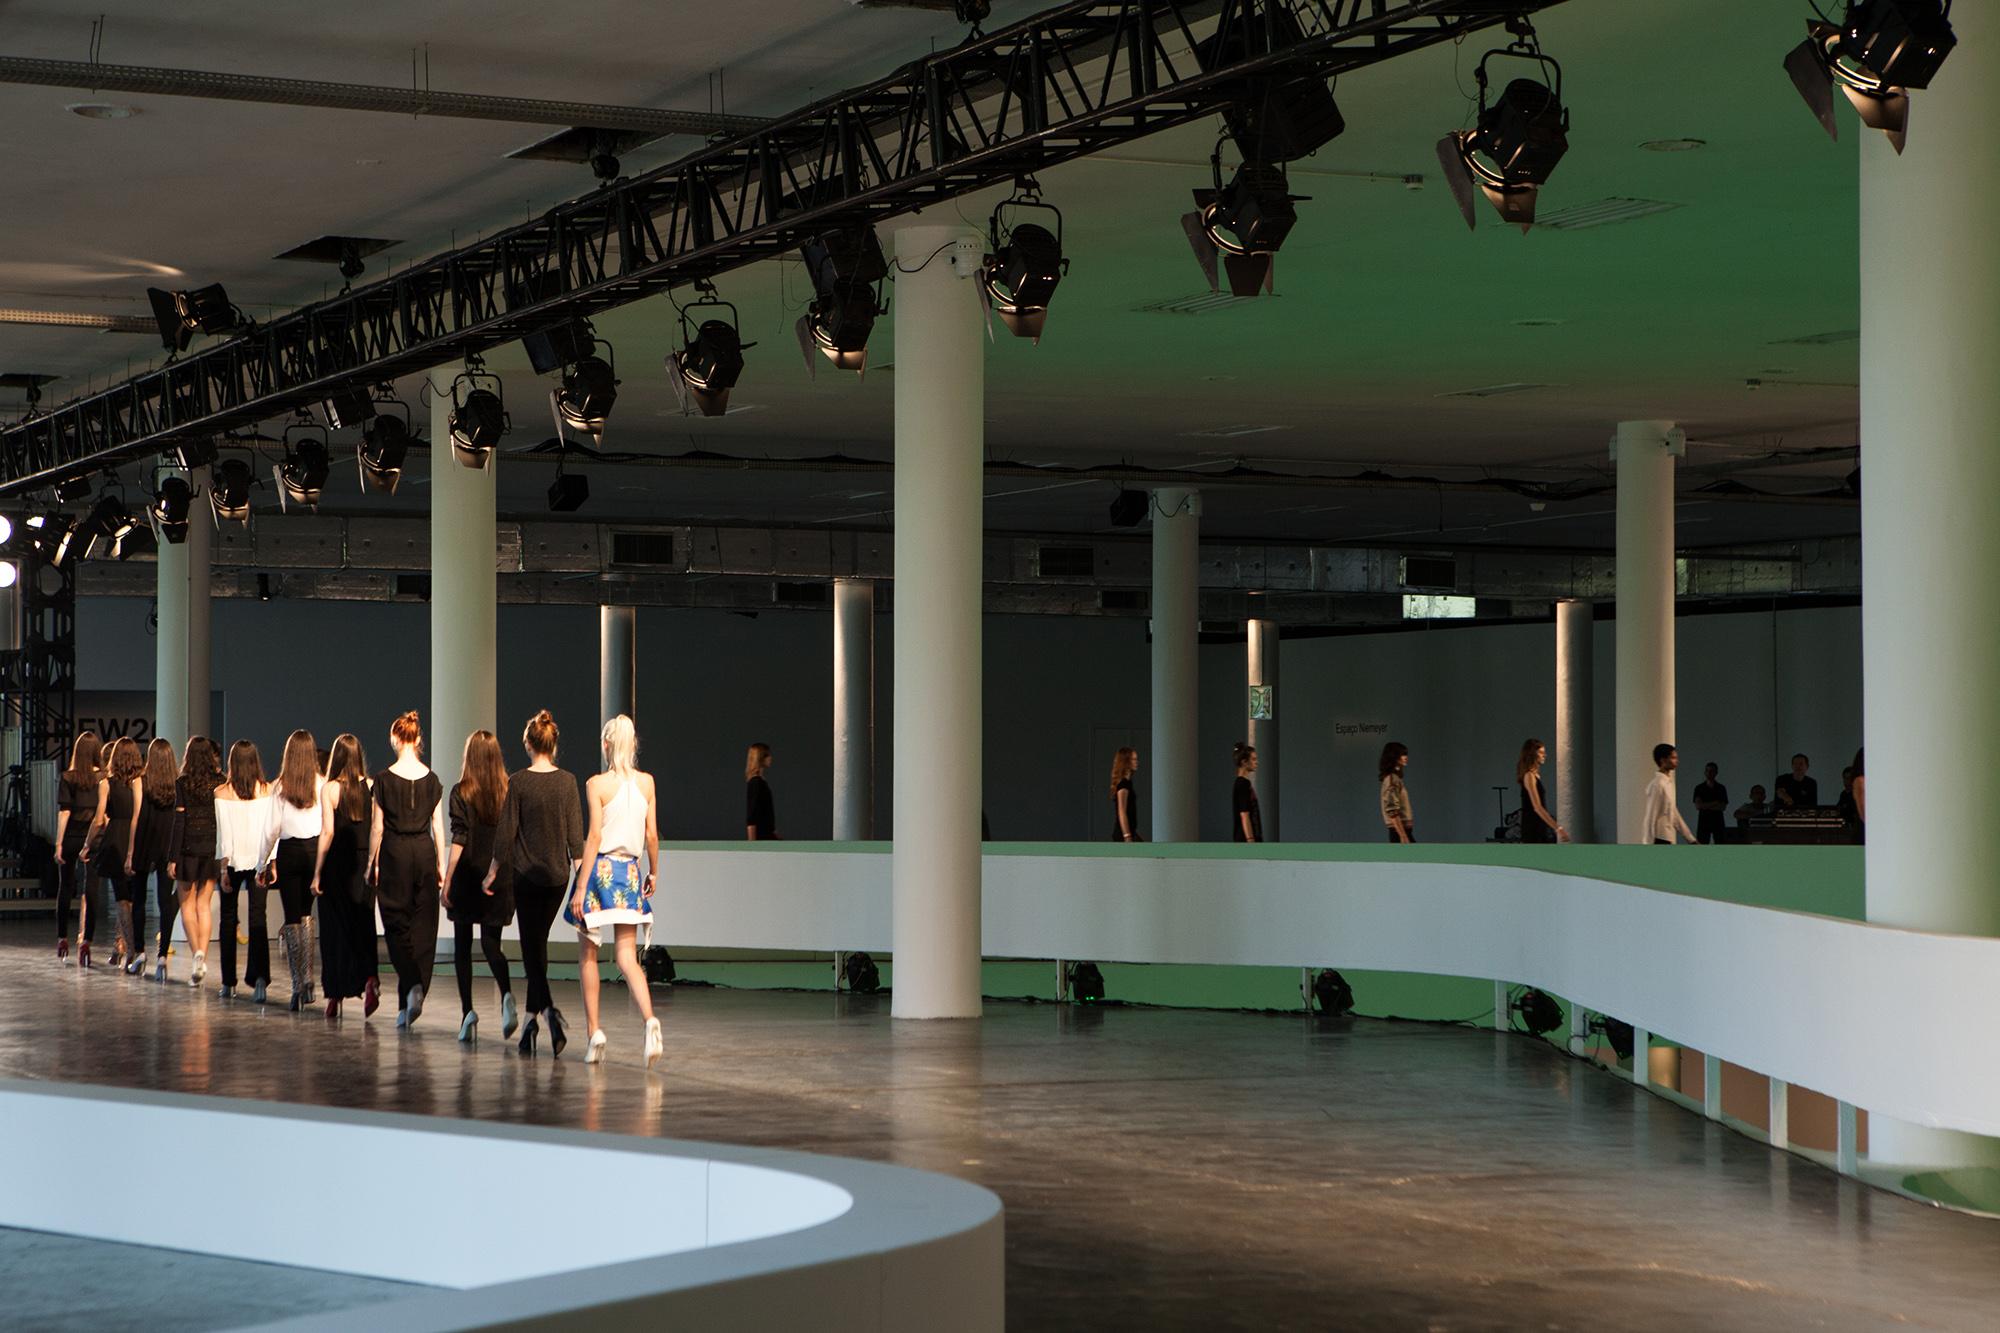 Animale tem cenário inspirado em Niemeyer (Foto: Divulgação)